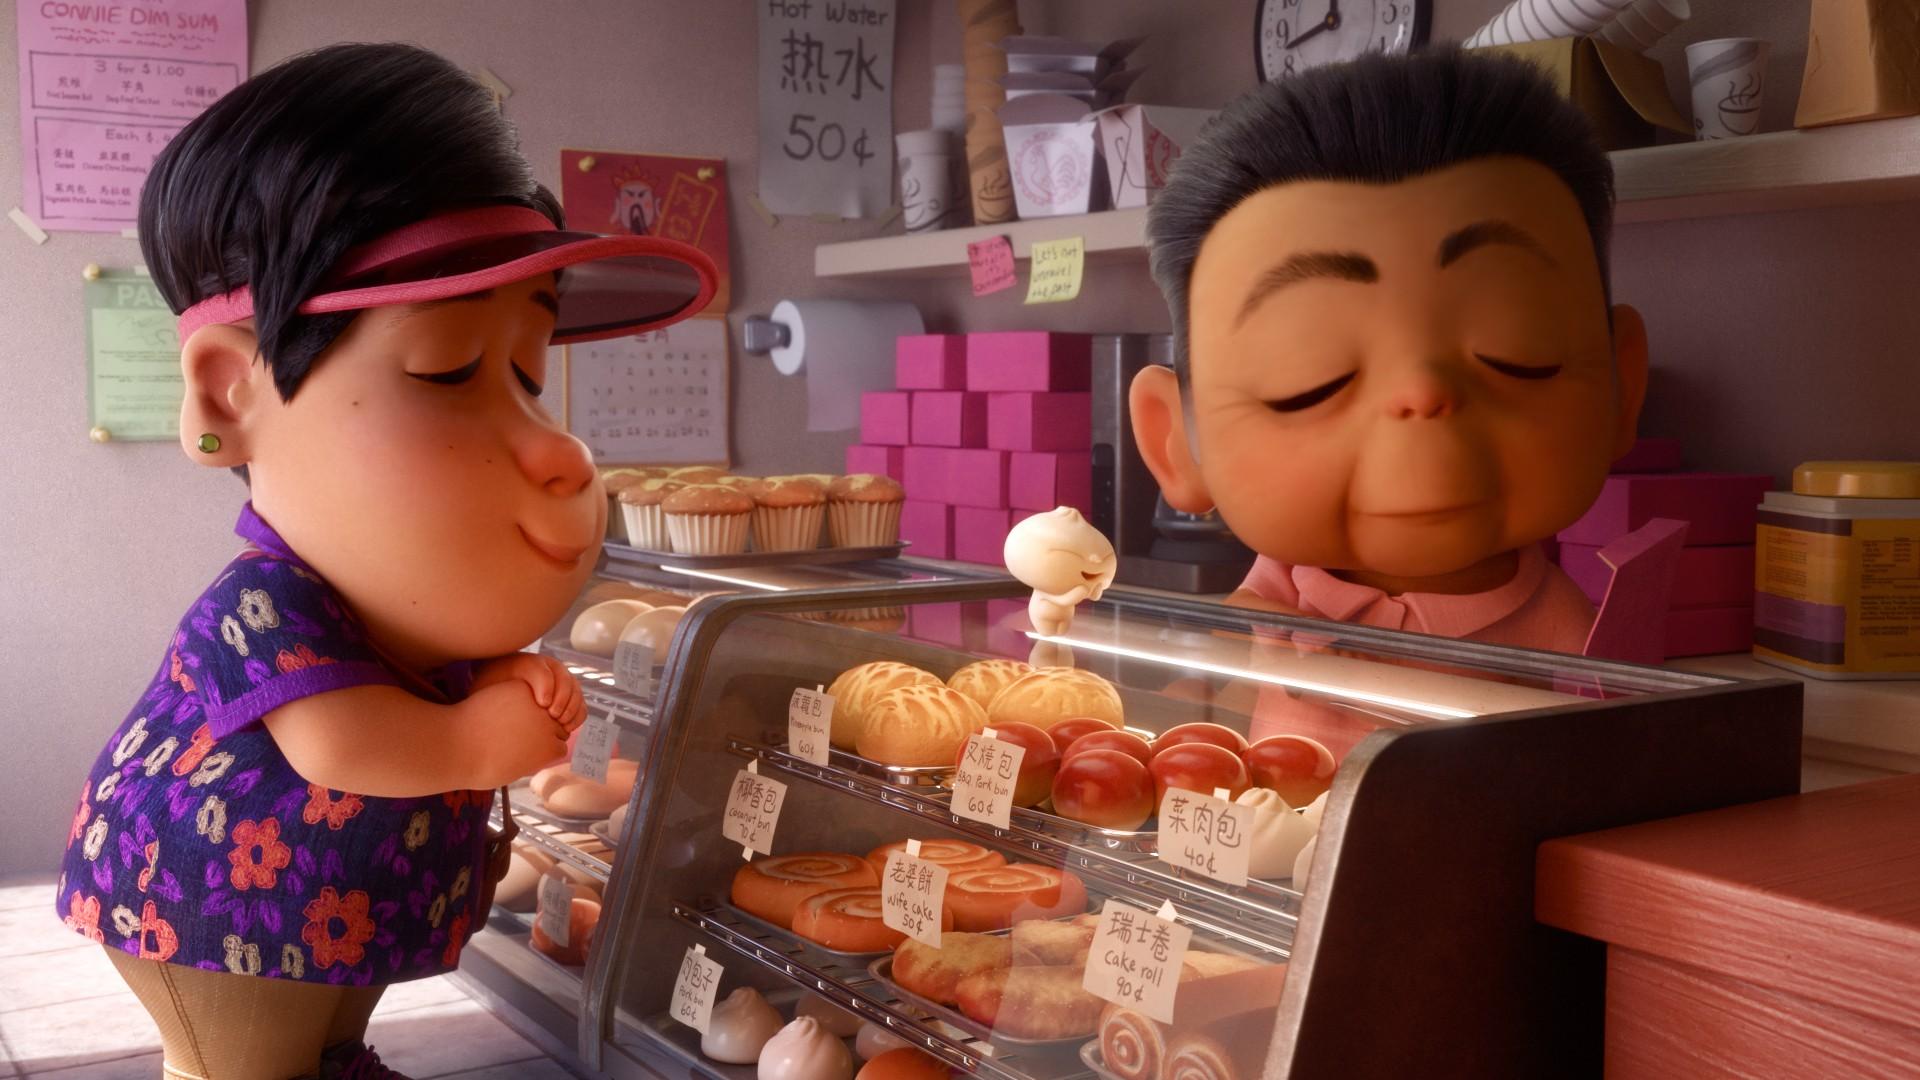 Phim ngắn về em bé bánh bao bảo bối: Đáng yêu lắm, mà đáng sợ cũng có thừa! - Ảnh 5.